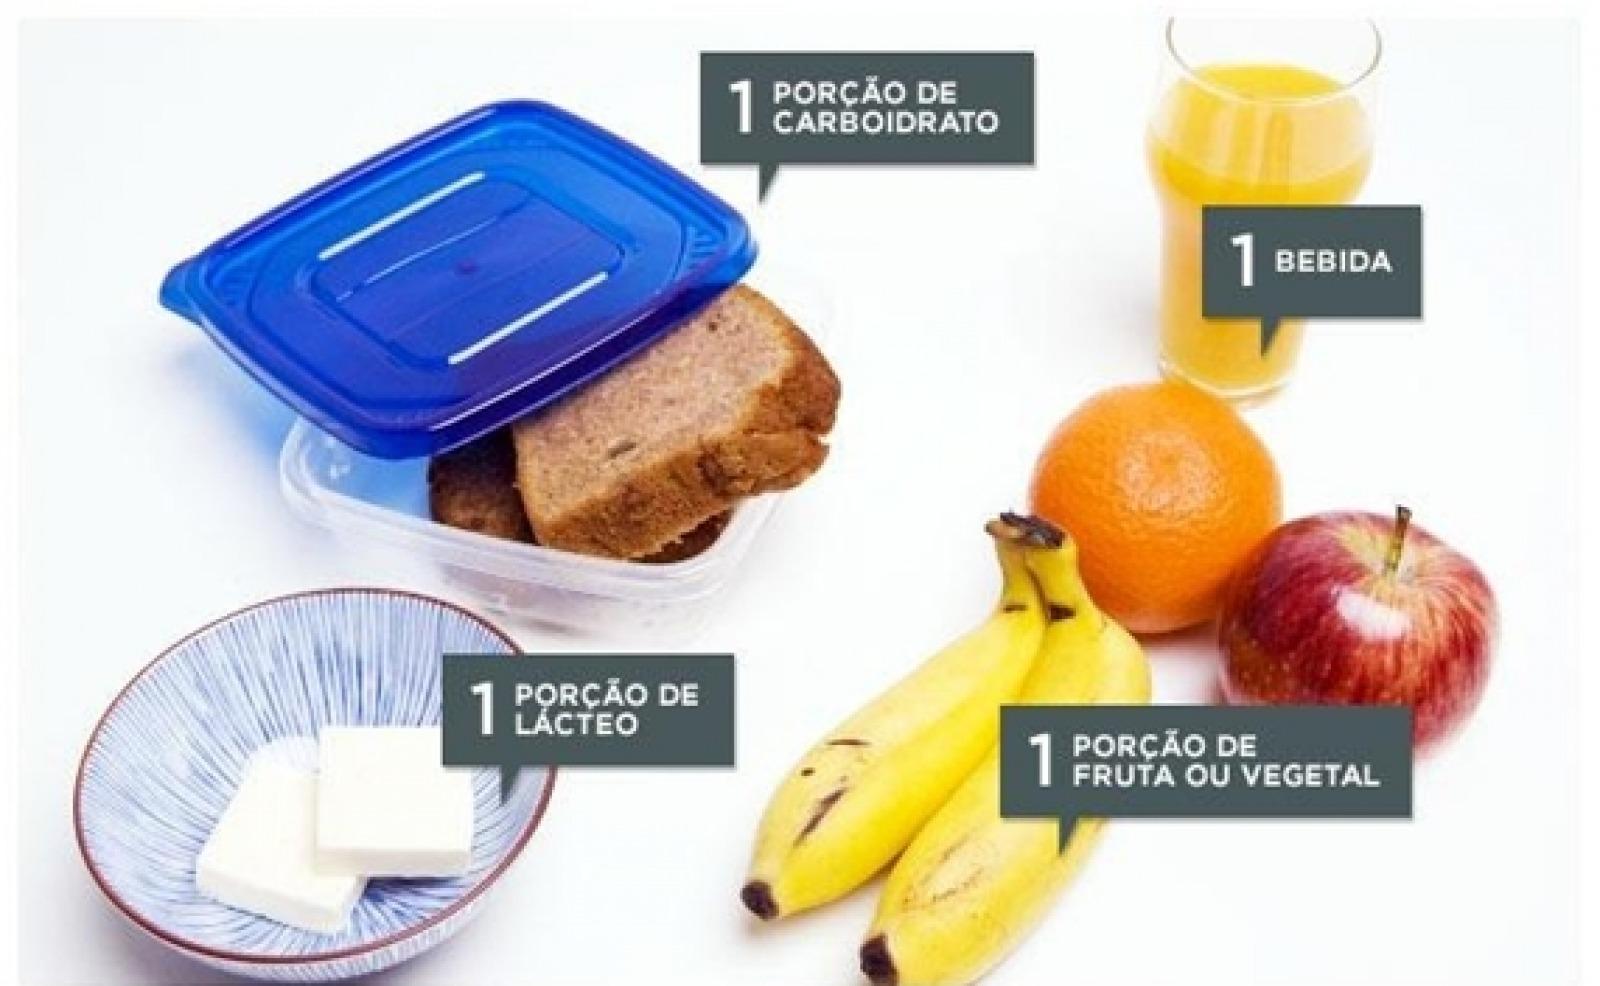 VOLTA ÀS AULAS - OPÇÕES PARA COMPOR A LANCHEIRA